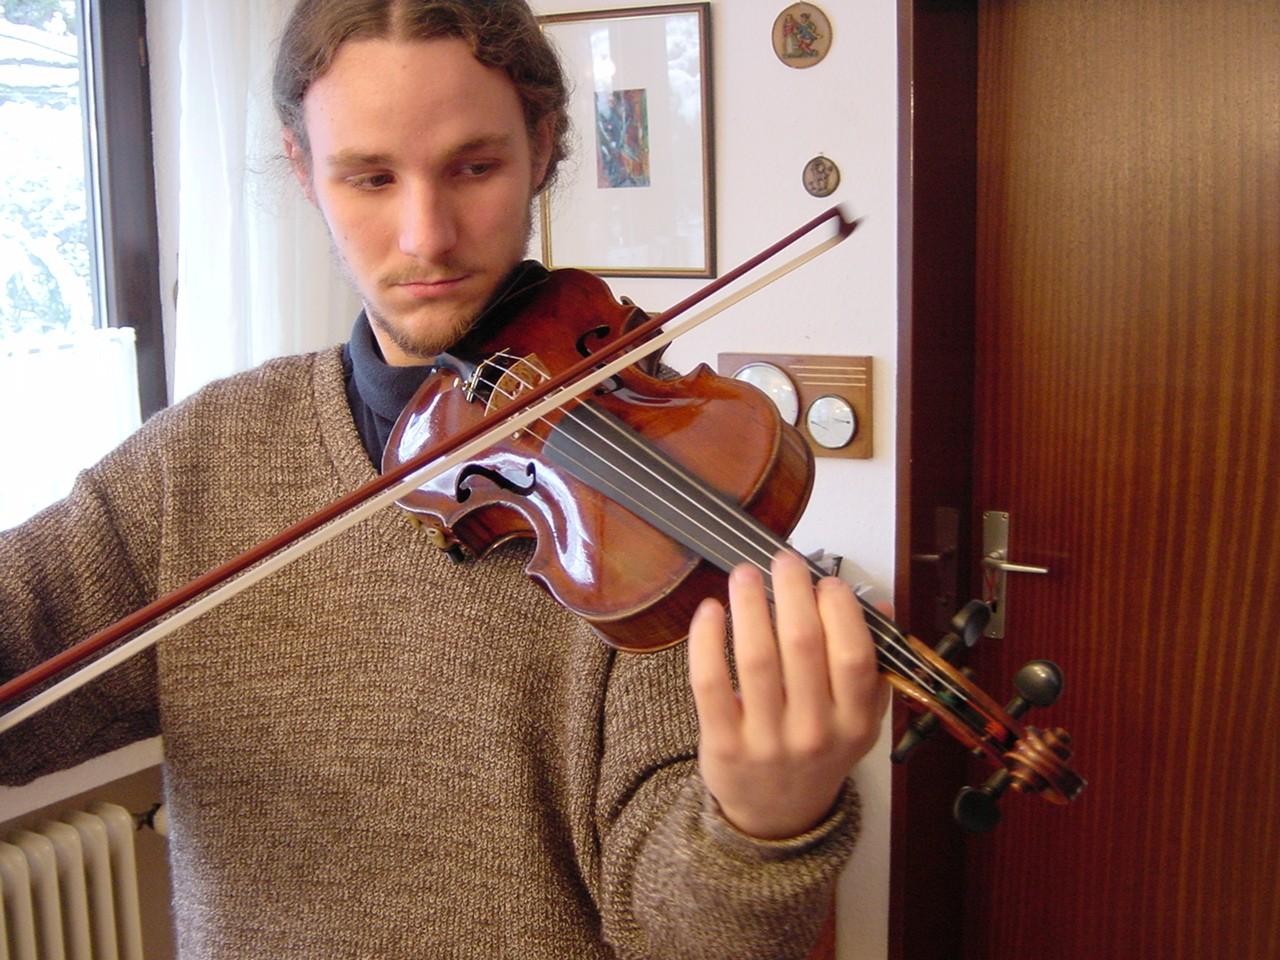 czy_latwo_nauczyc_sie_grac_na_skrzypcach.jpeg